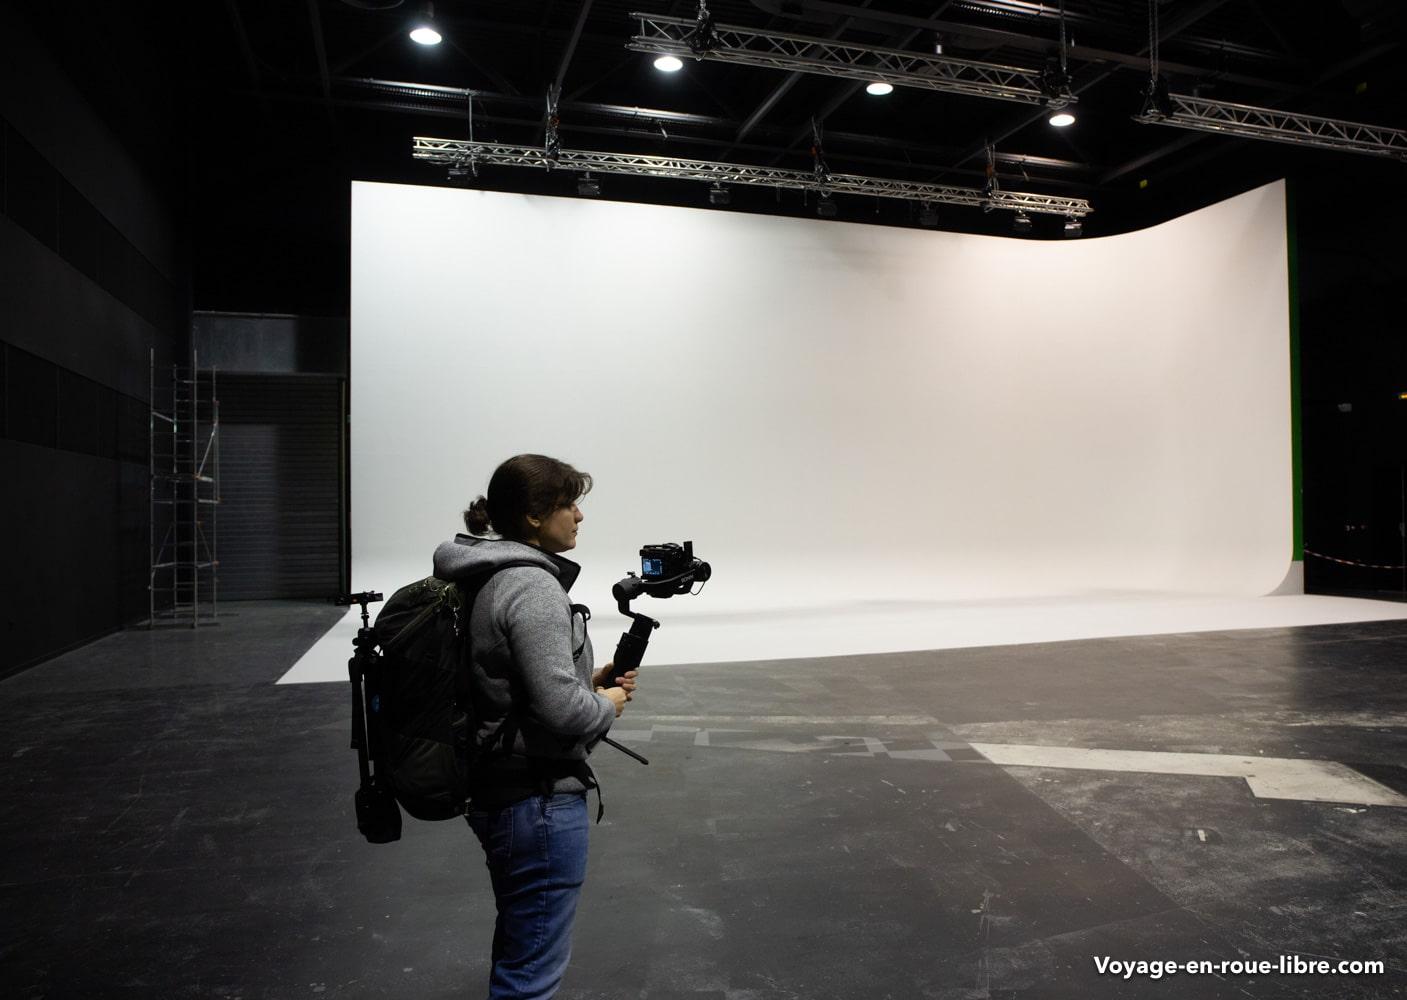 La Plaine Image située à Tourcoing - Métropole Européenne de Lille - studio de cinéma professionnels.